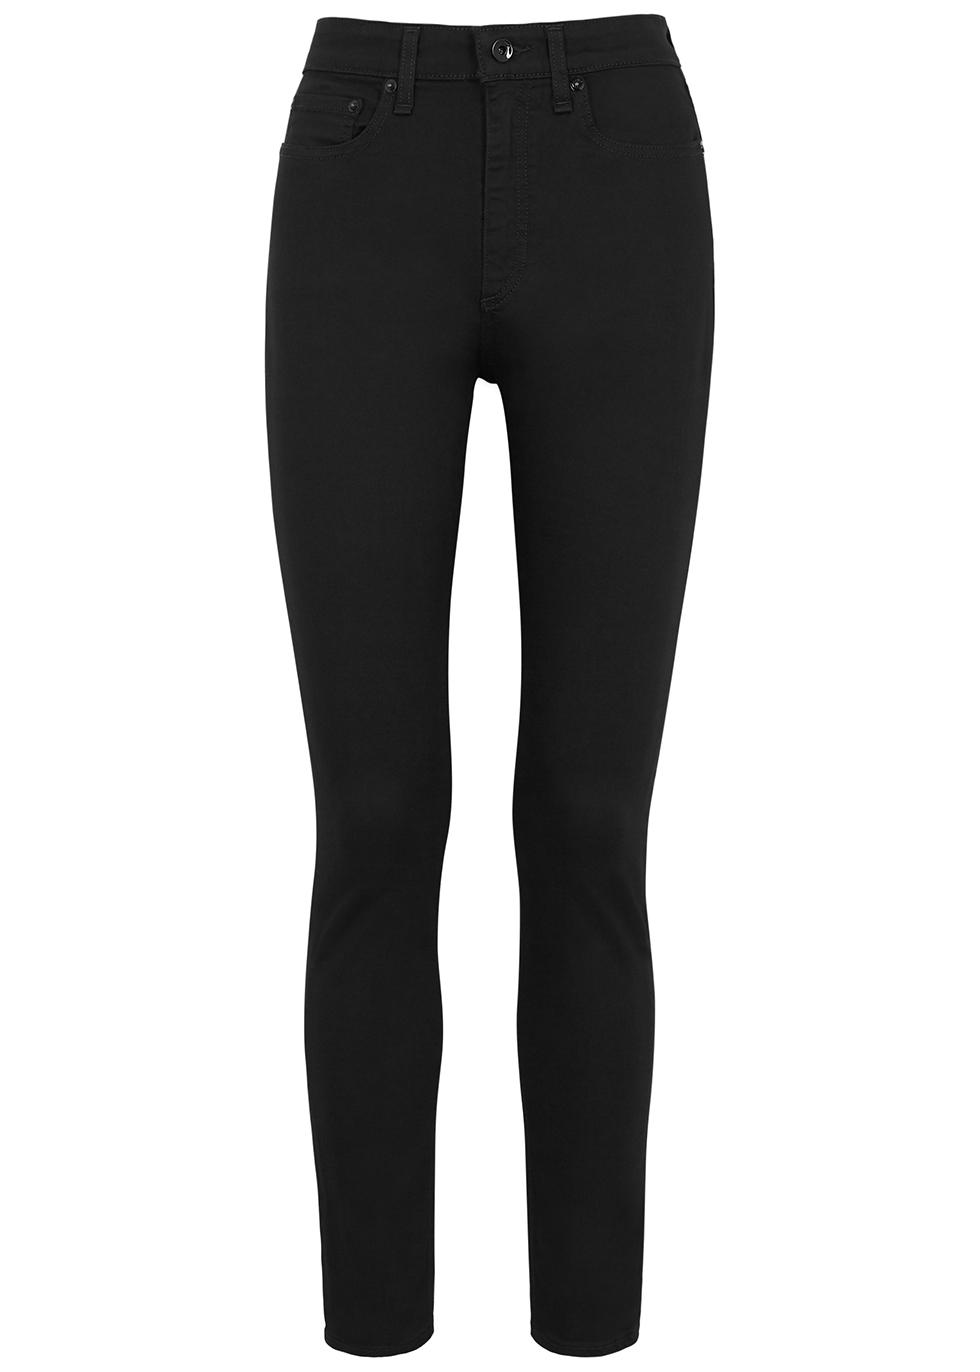 Nina black skinny jeans